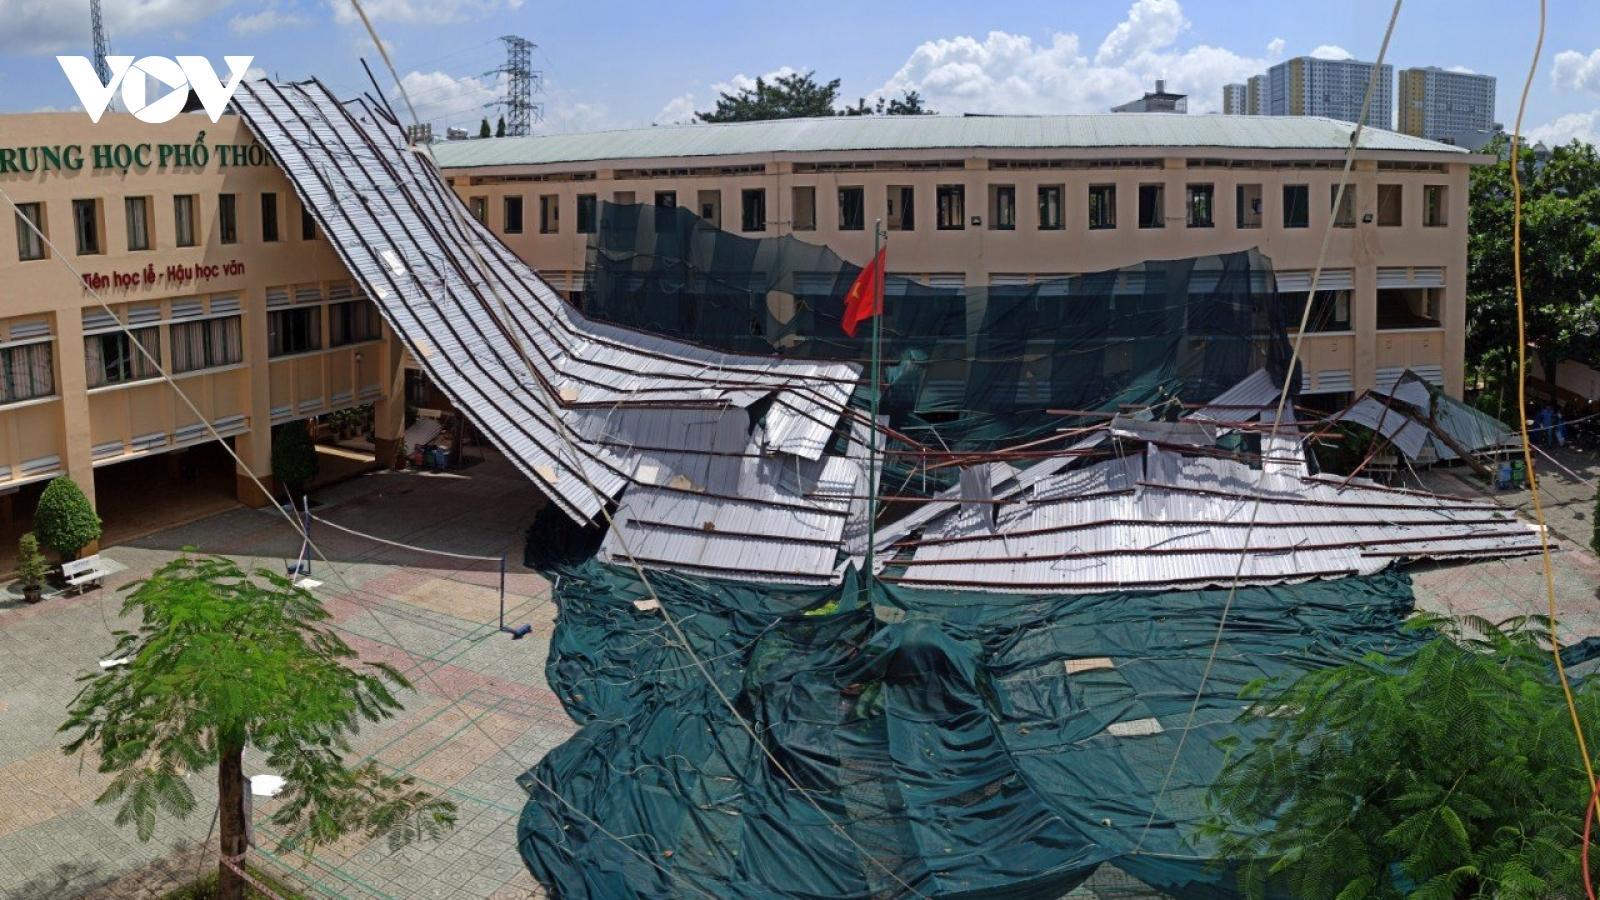 Trường học bị tốc mái tại TPHCM: Sẽ thuê địa điểm để dạy và học